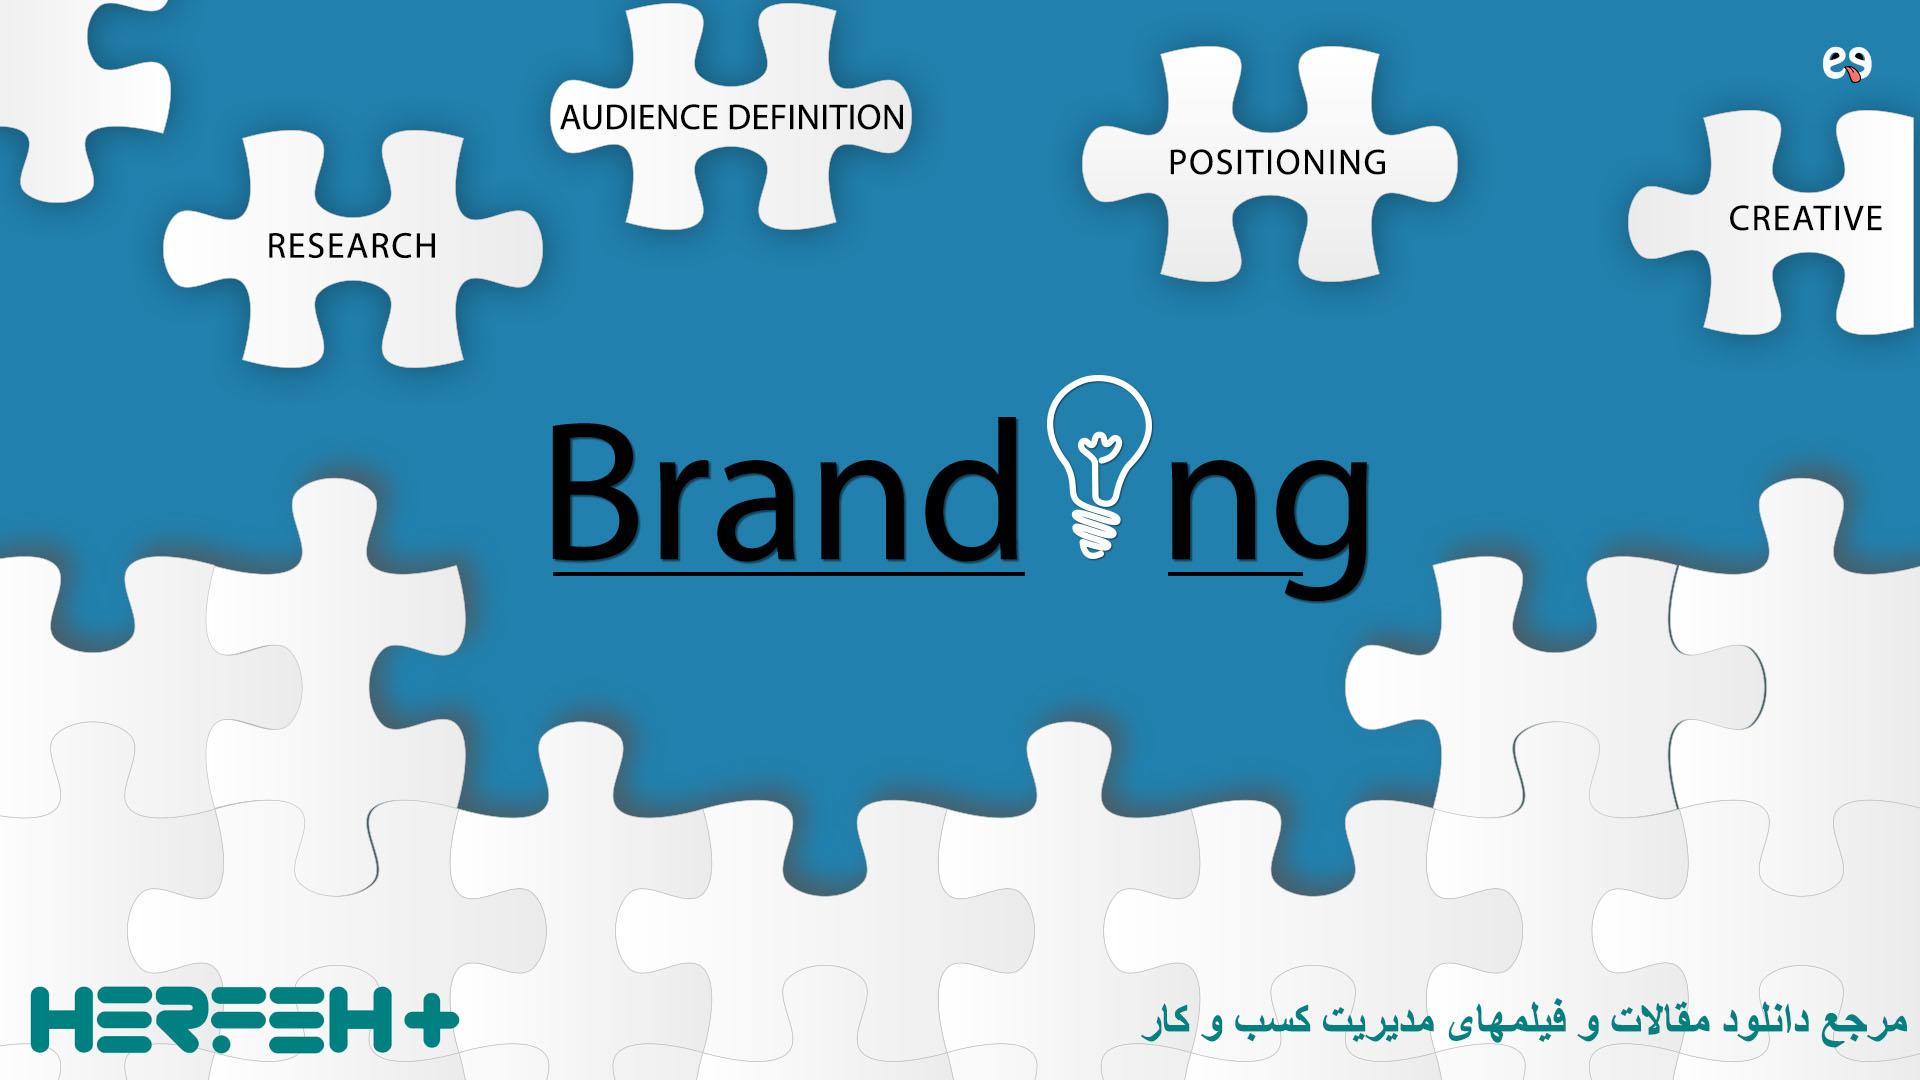 تصویر موضوع نقش کهن الگوها در تبلیغات برند